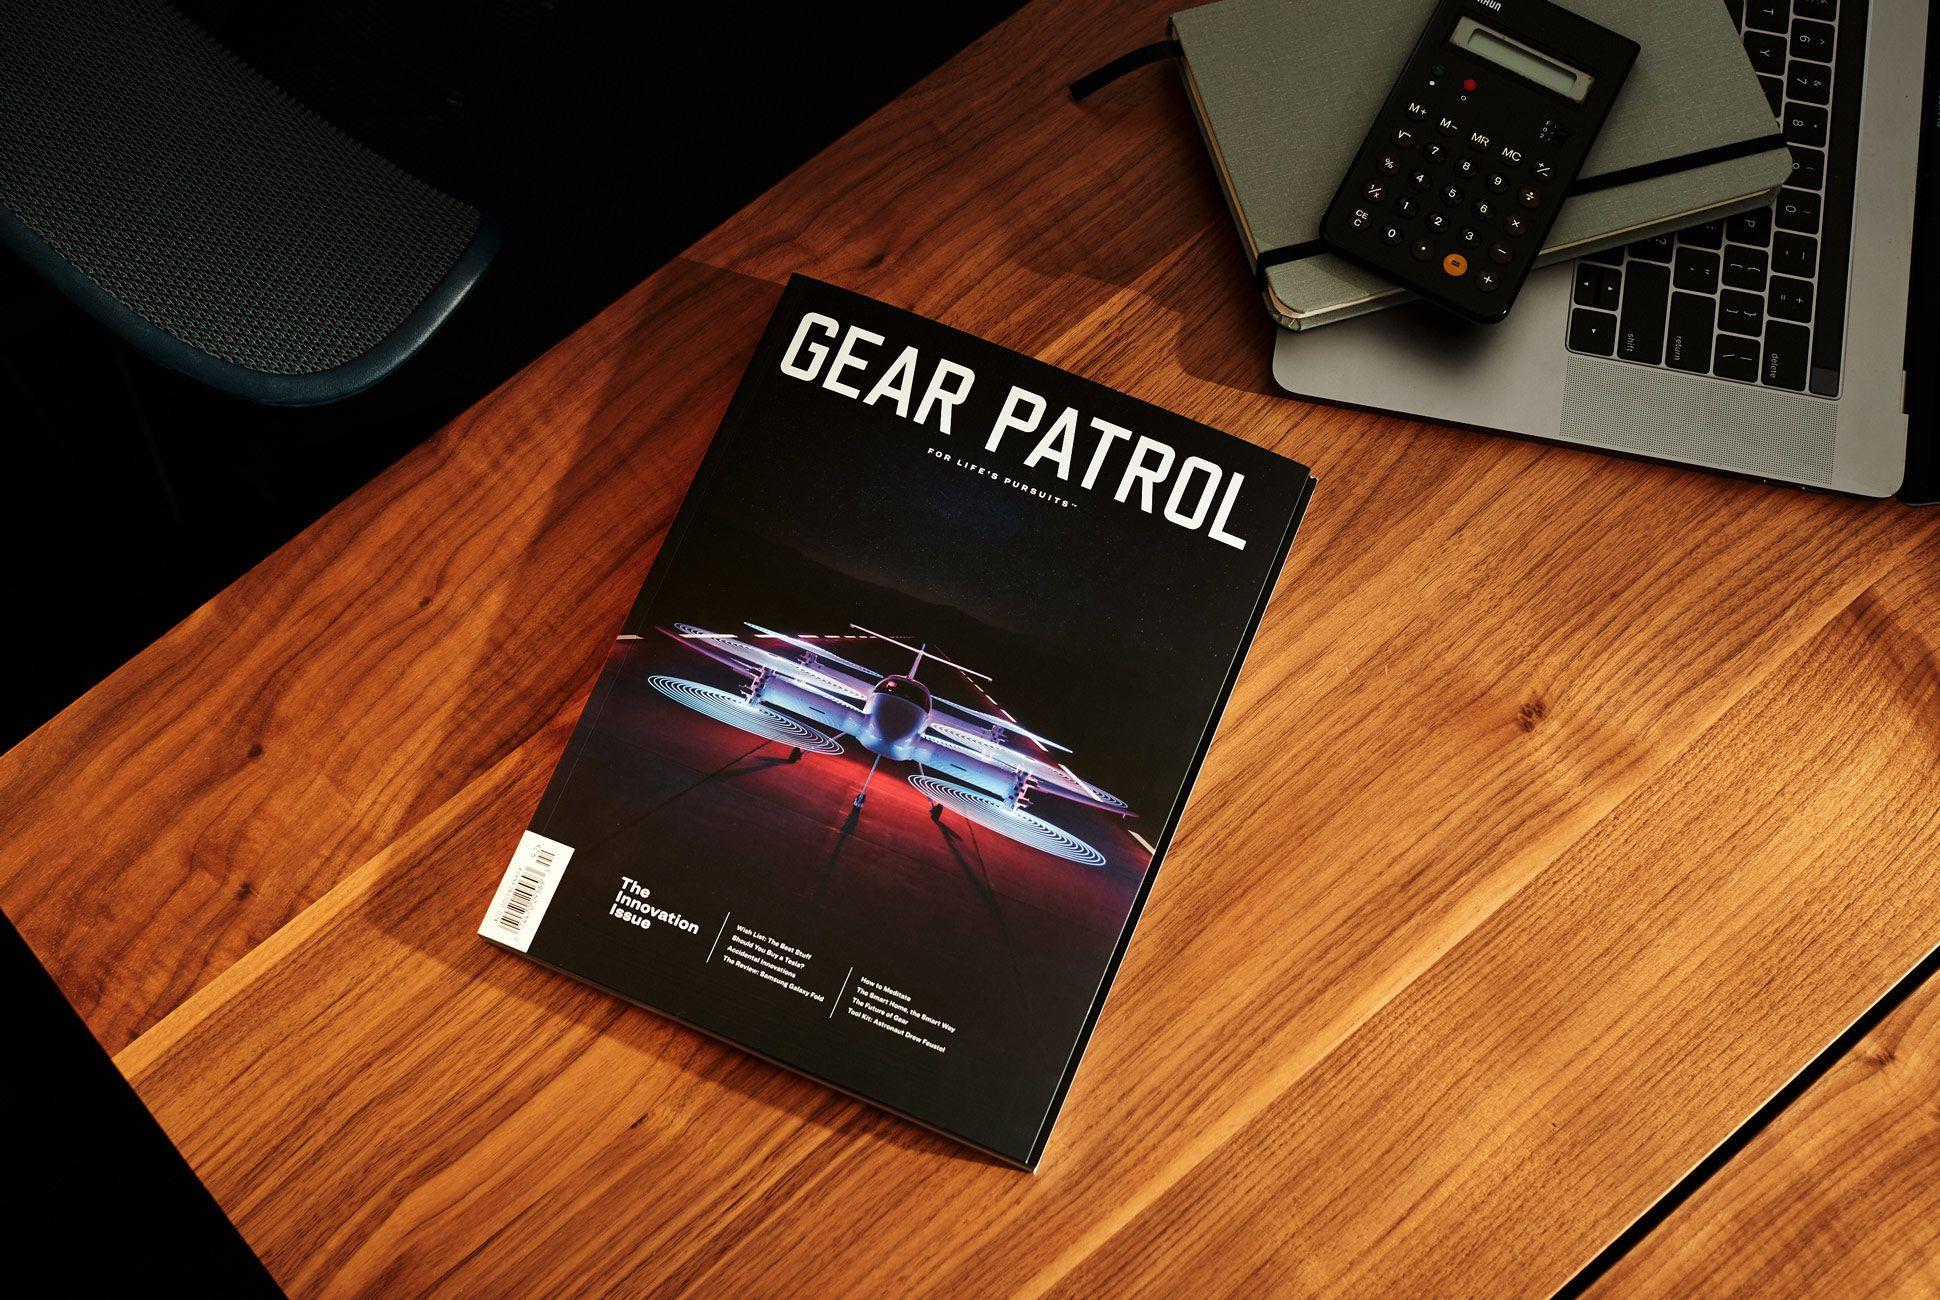 Gear-Patrol-Magazine-Issue-10-Gear-Patrol-Slide-1